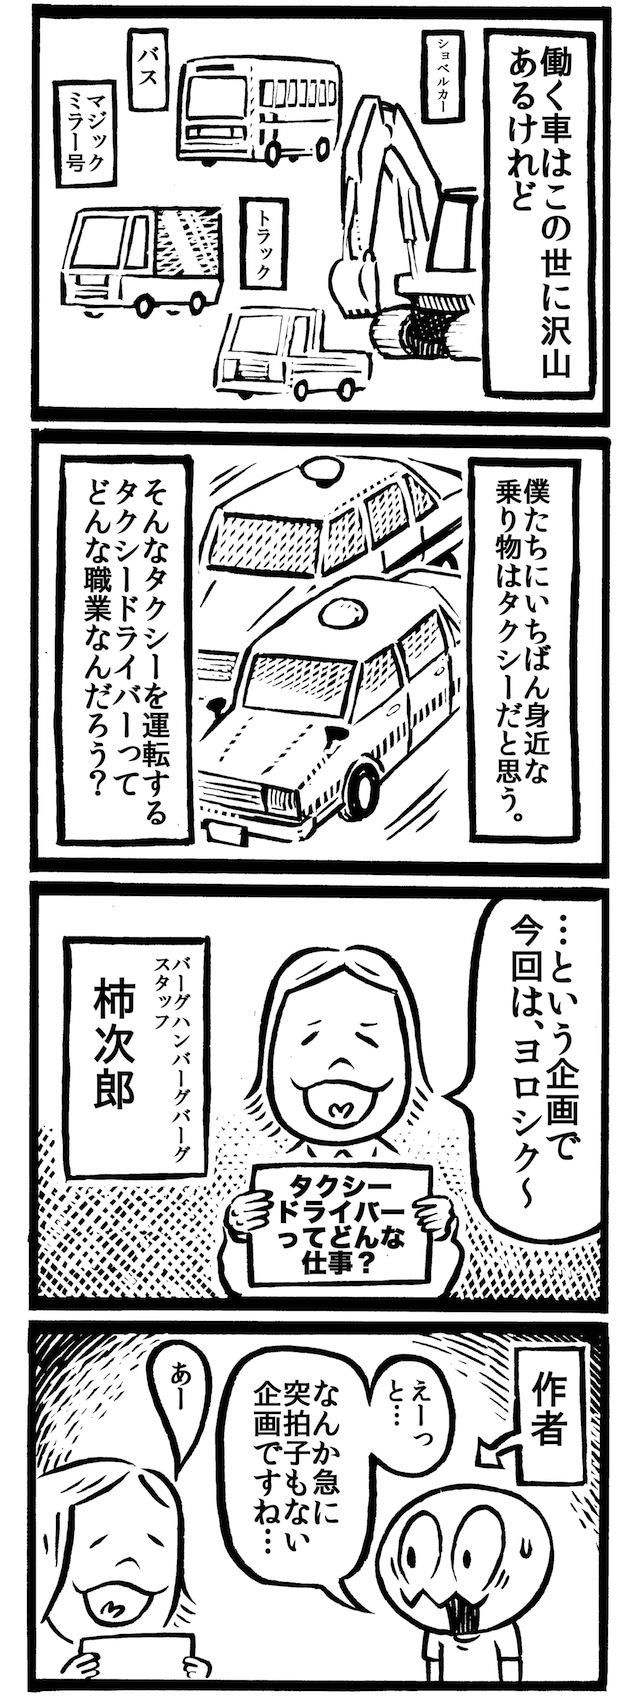 f:id:kakijiro:20151208235446j:plain